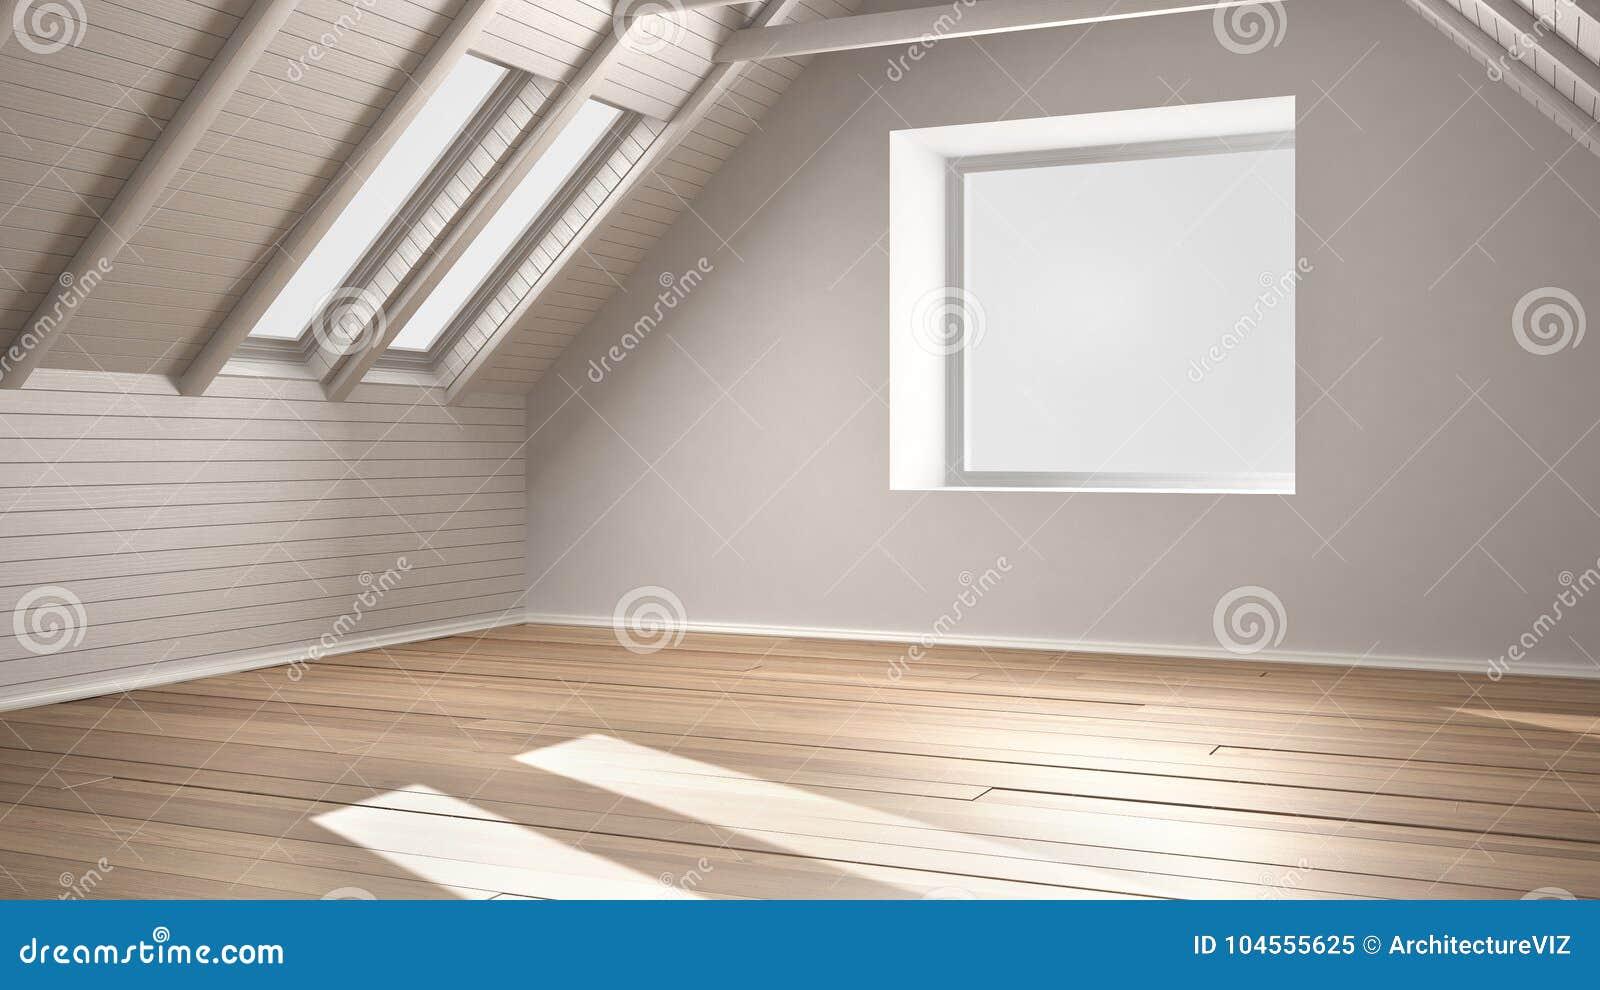 Soffitti In Legno Design : Illuminazione per soffitto con travi in legno design